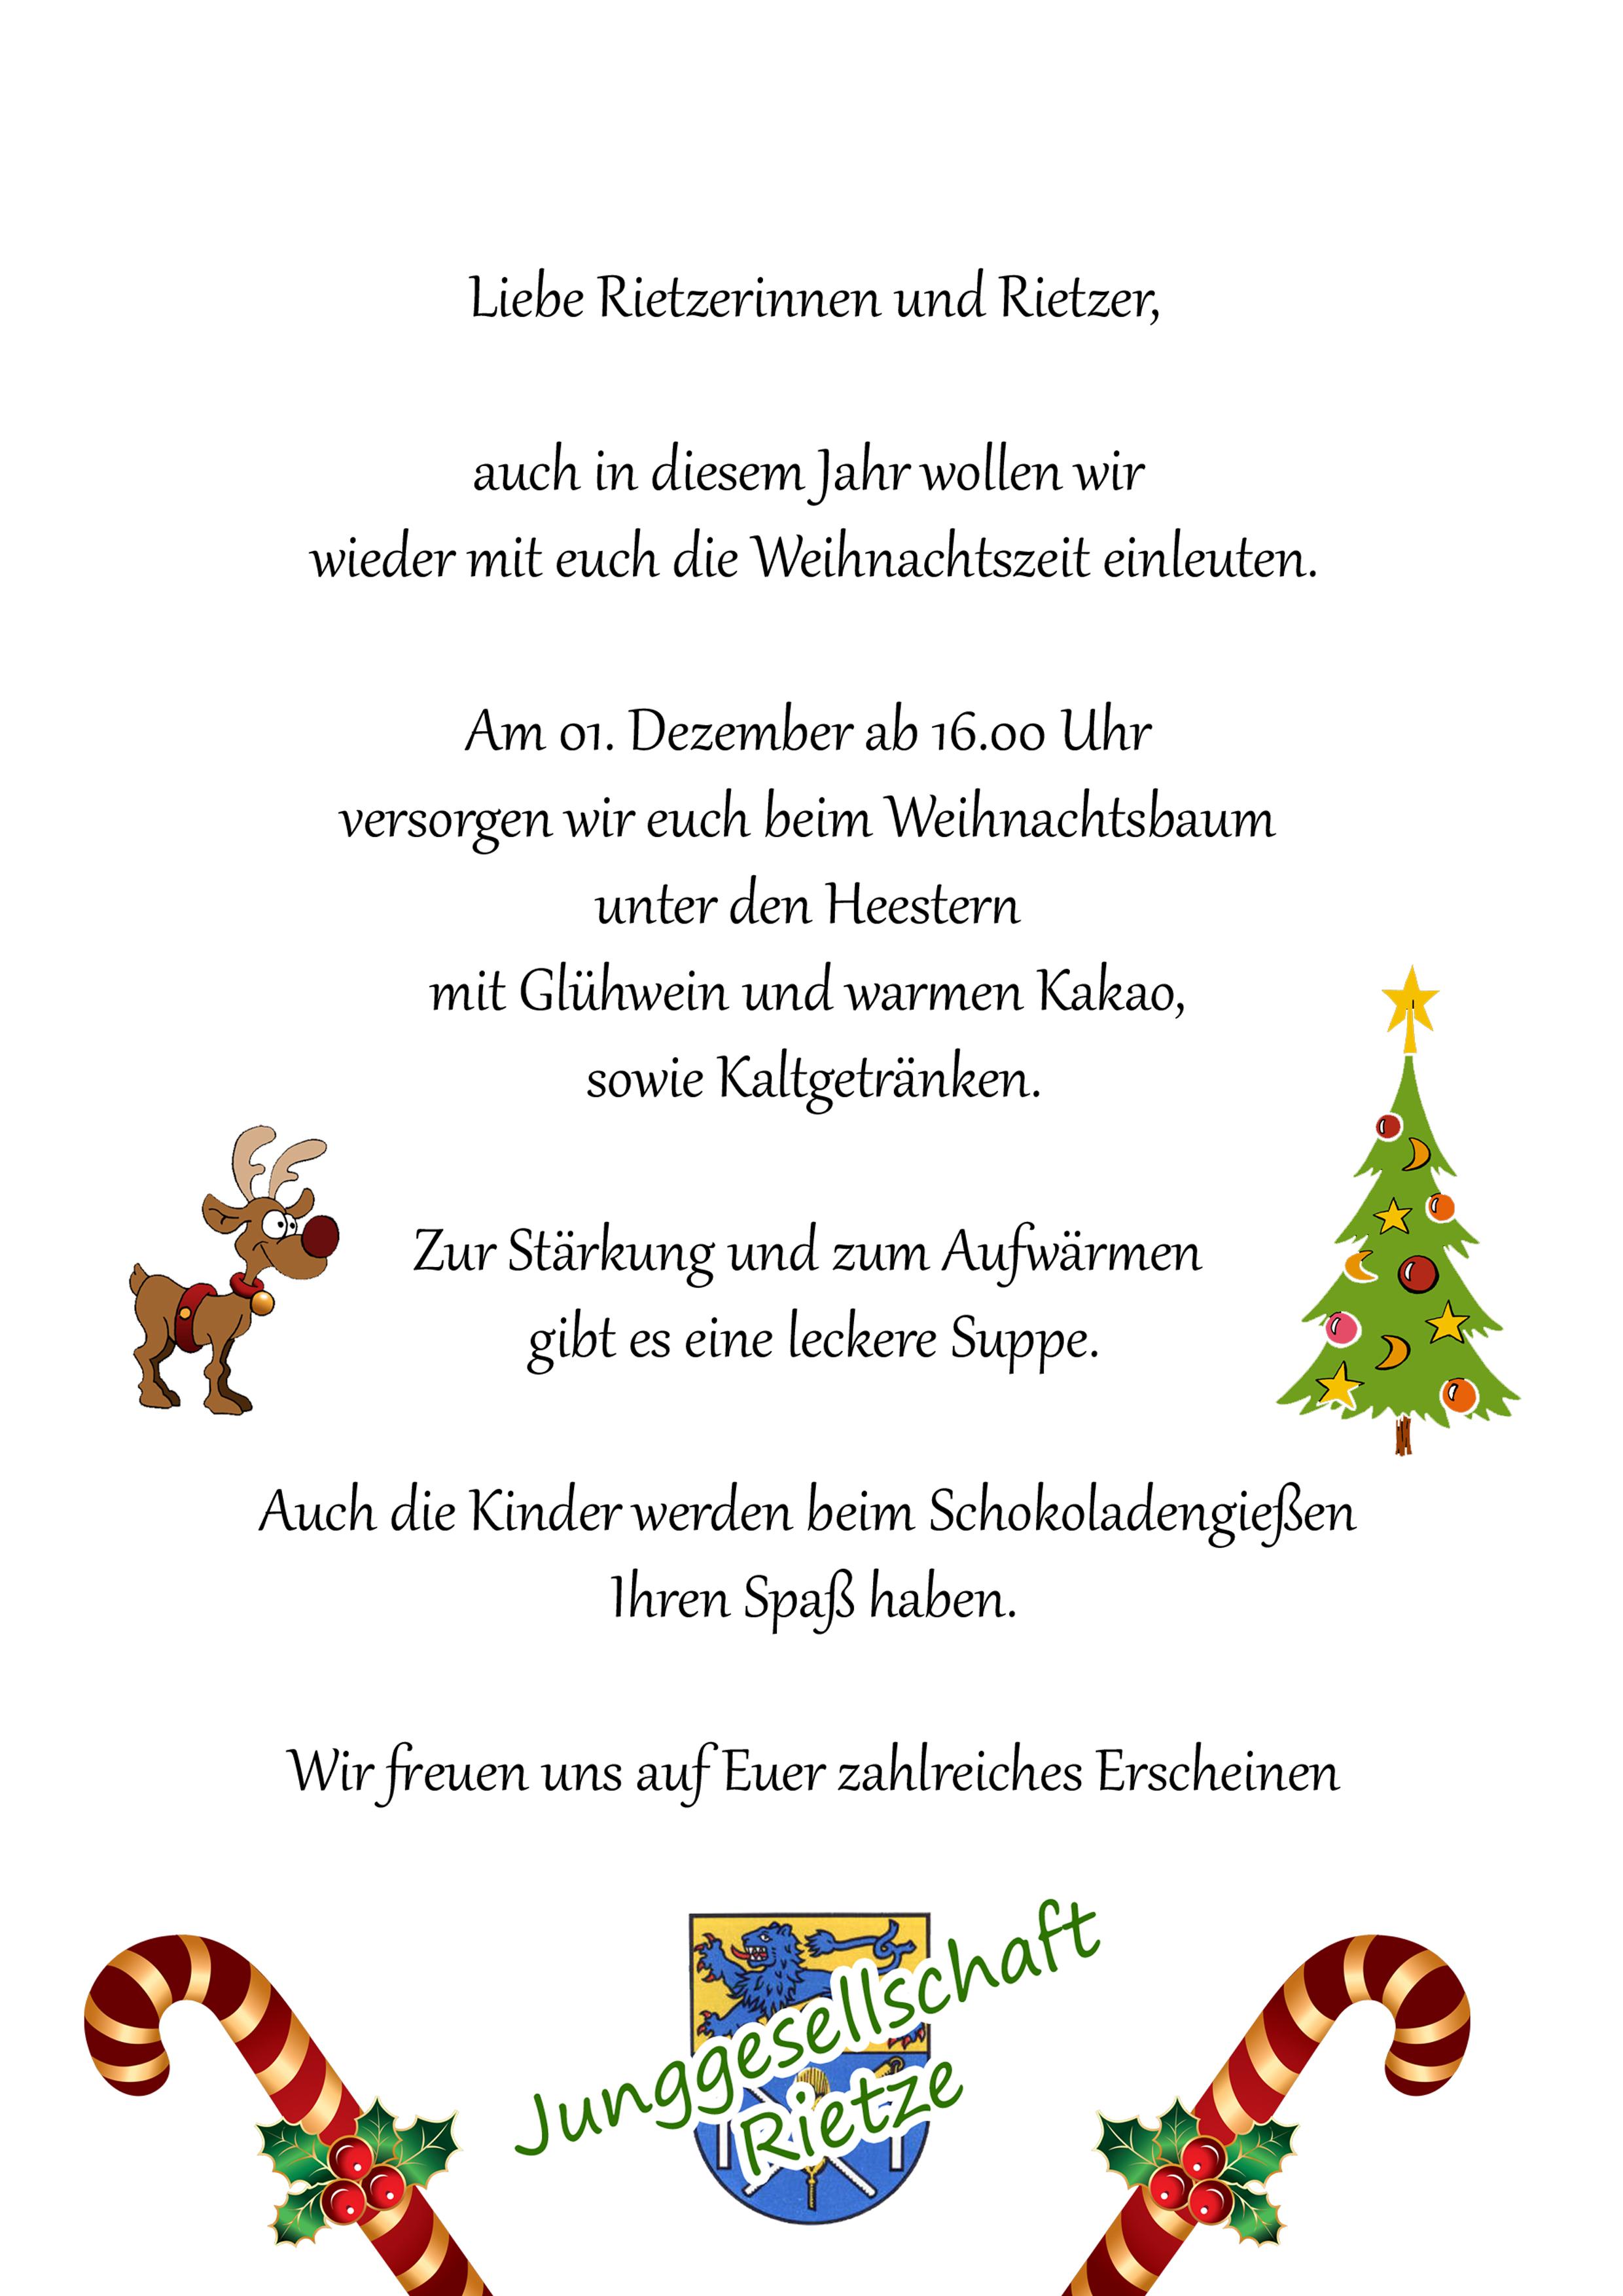 Wann Weihnachtsbaum Aufstellen.Weihnachtsbaum Aufstellen 2012 Junggesellschaft Rietze